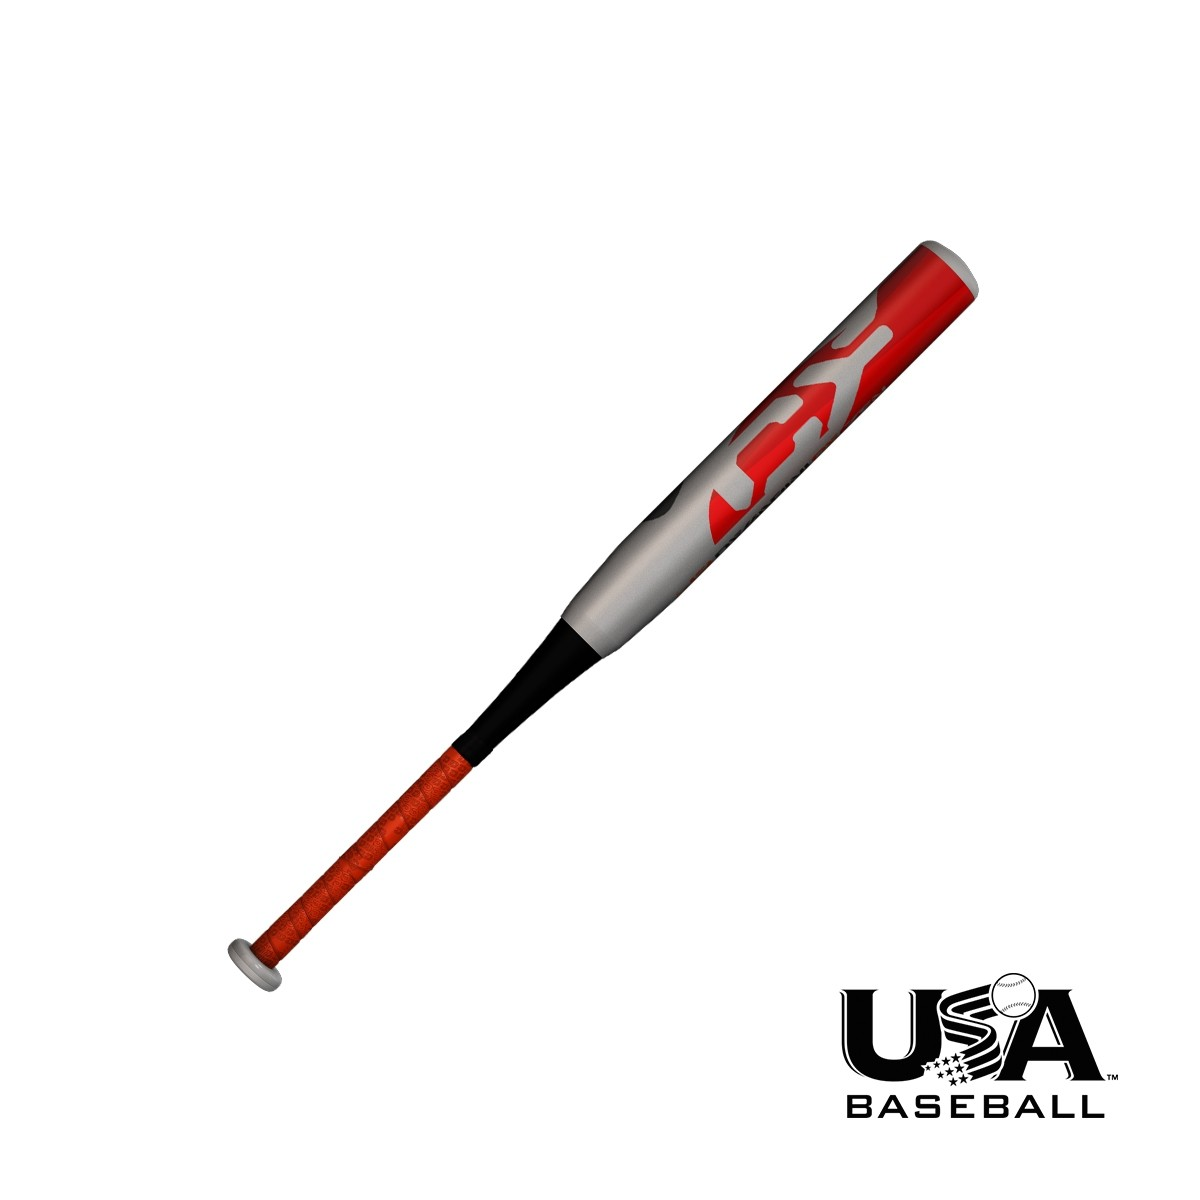 DeMarini 2018 CF Tee Ball USA Baseball Bat (-13)